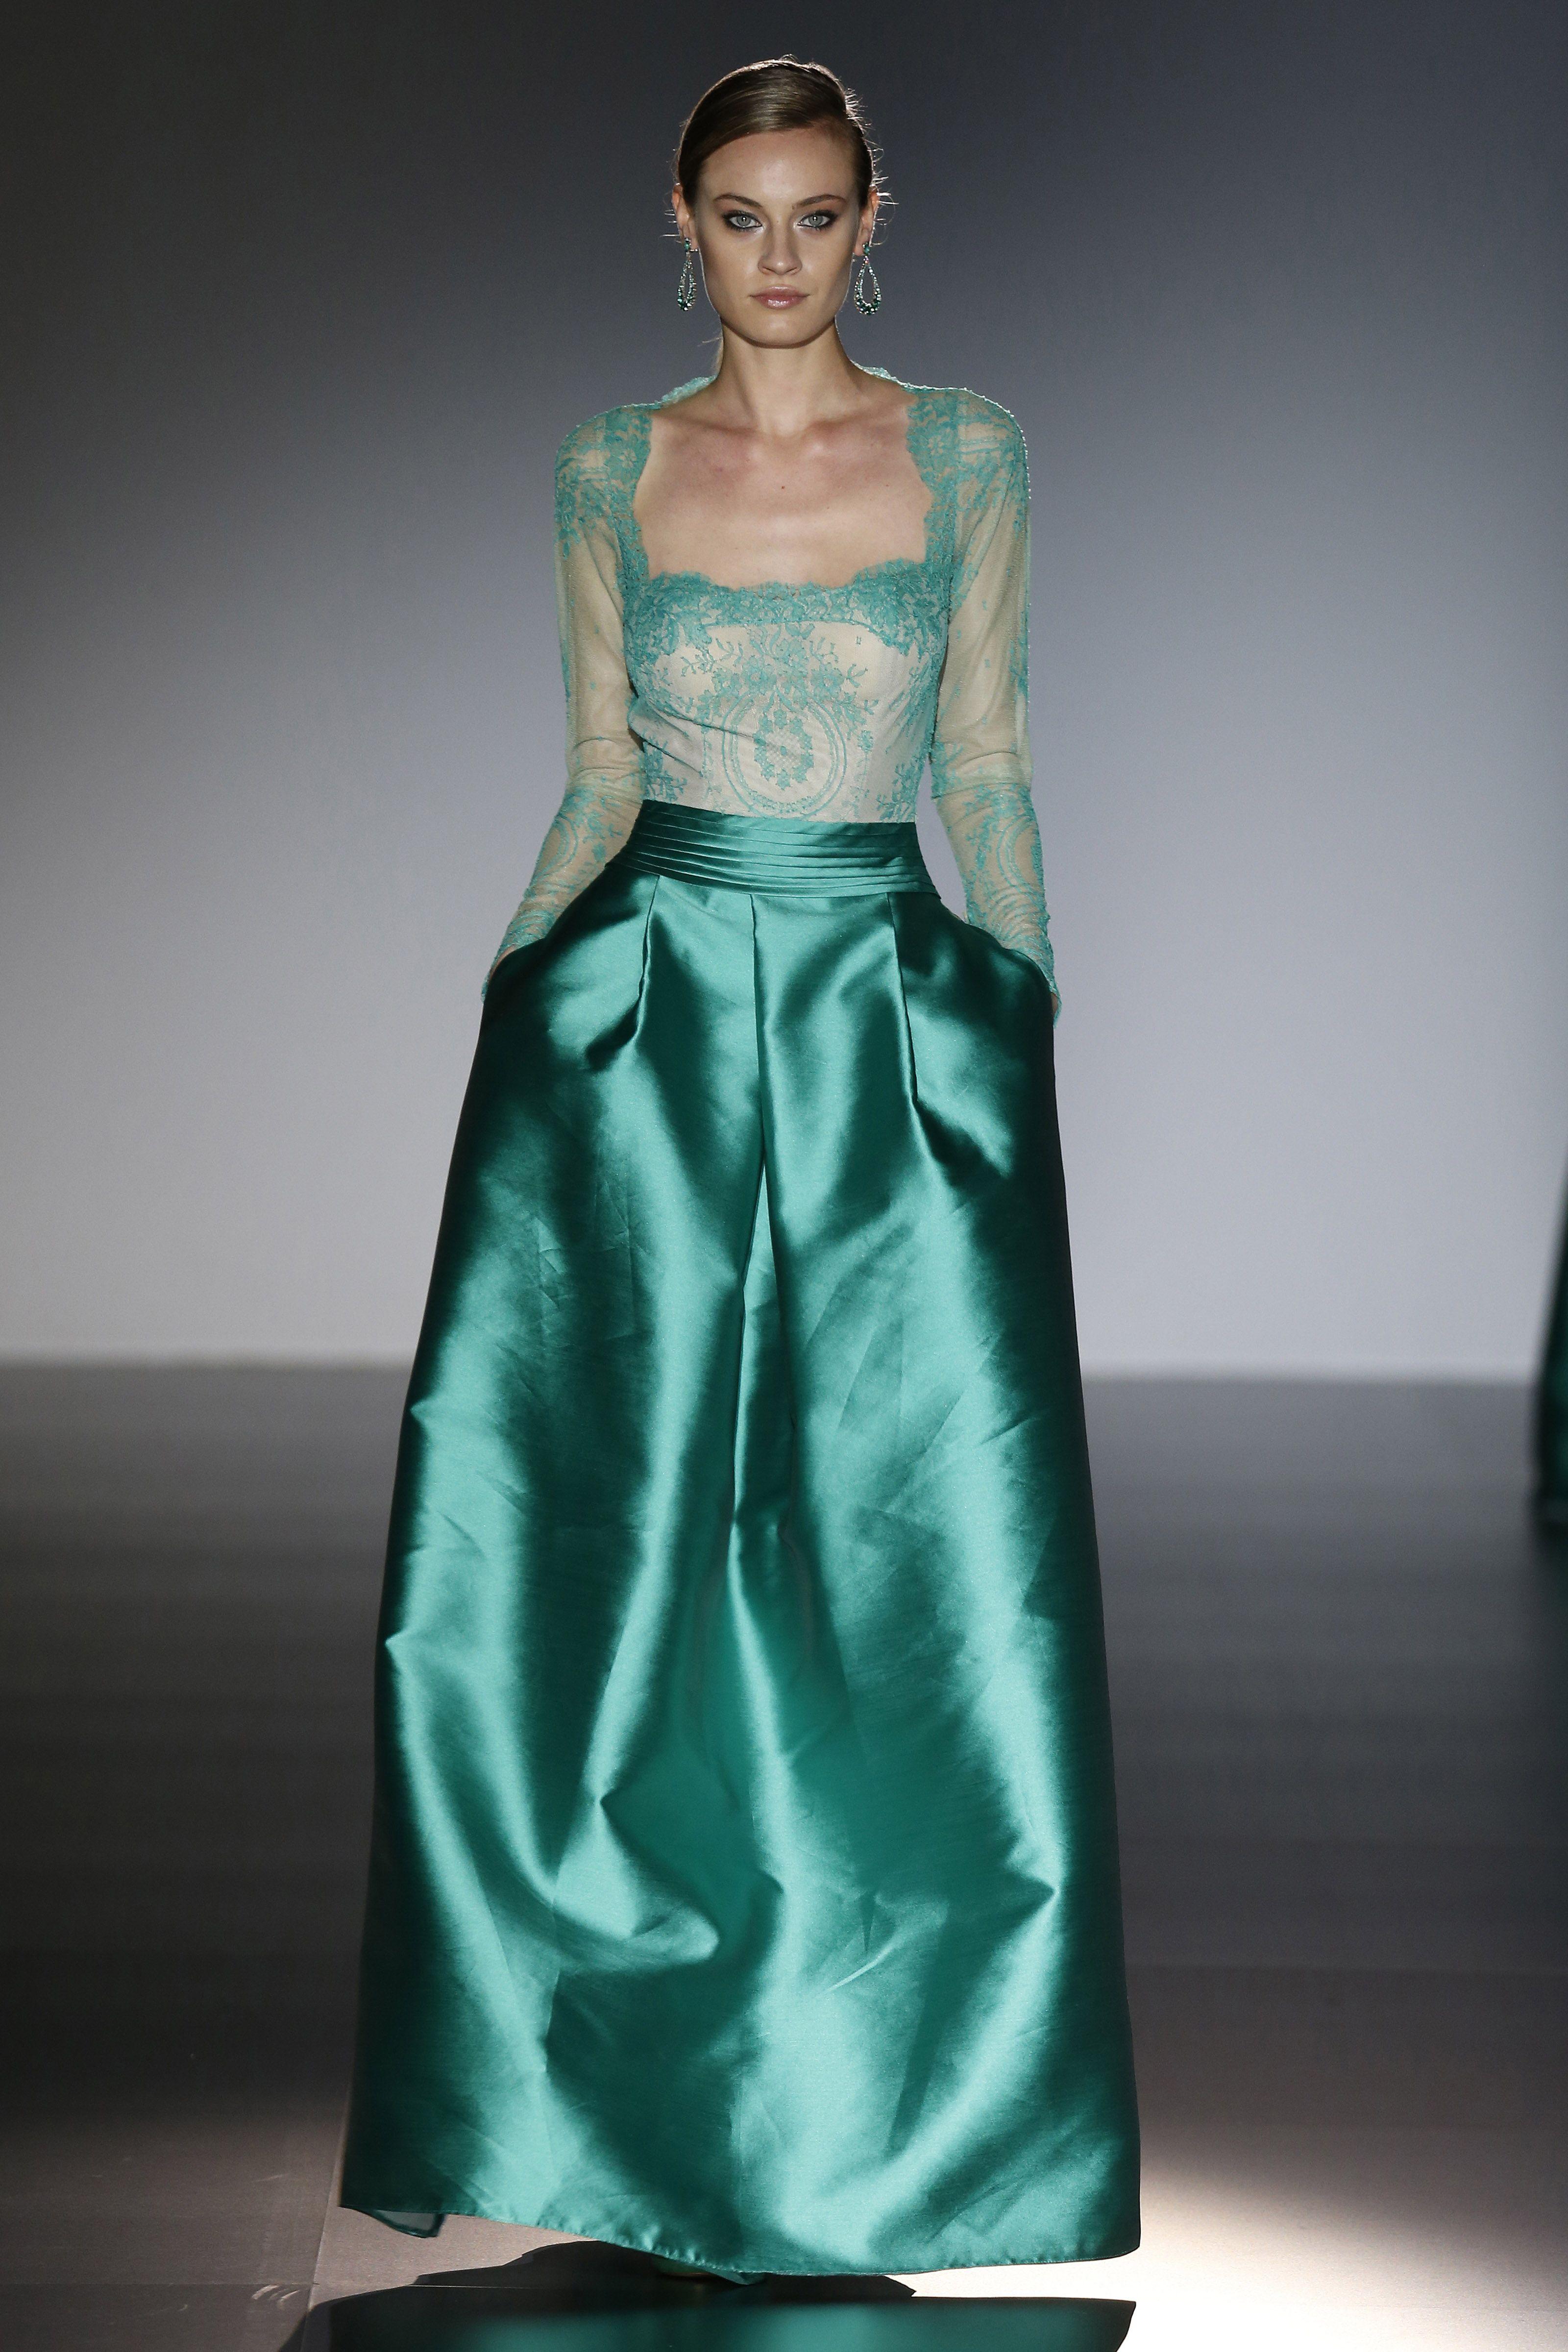 Vestidos de fiesta verdes 2016: Resalta tu belleza en la próxima ...